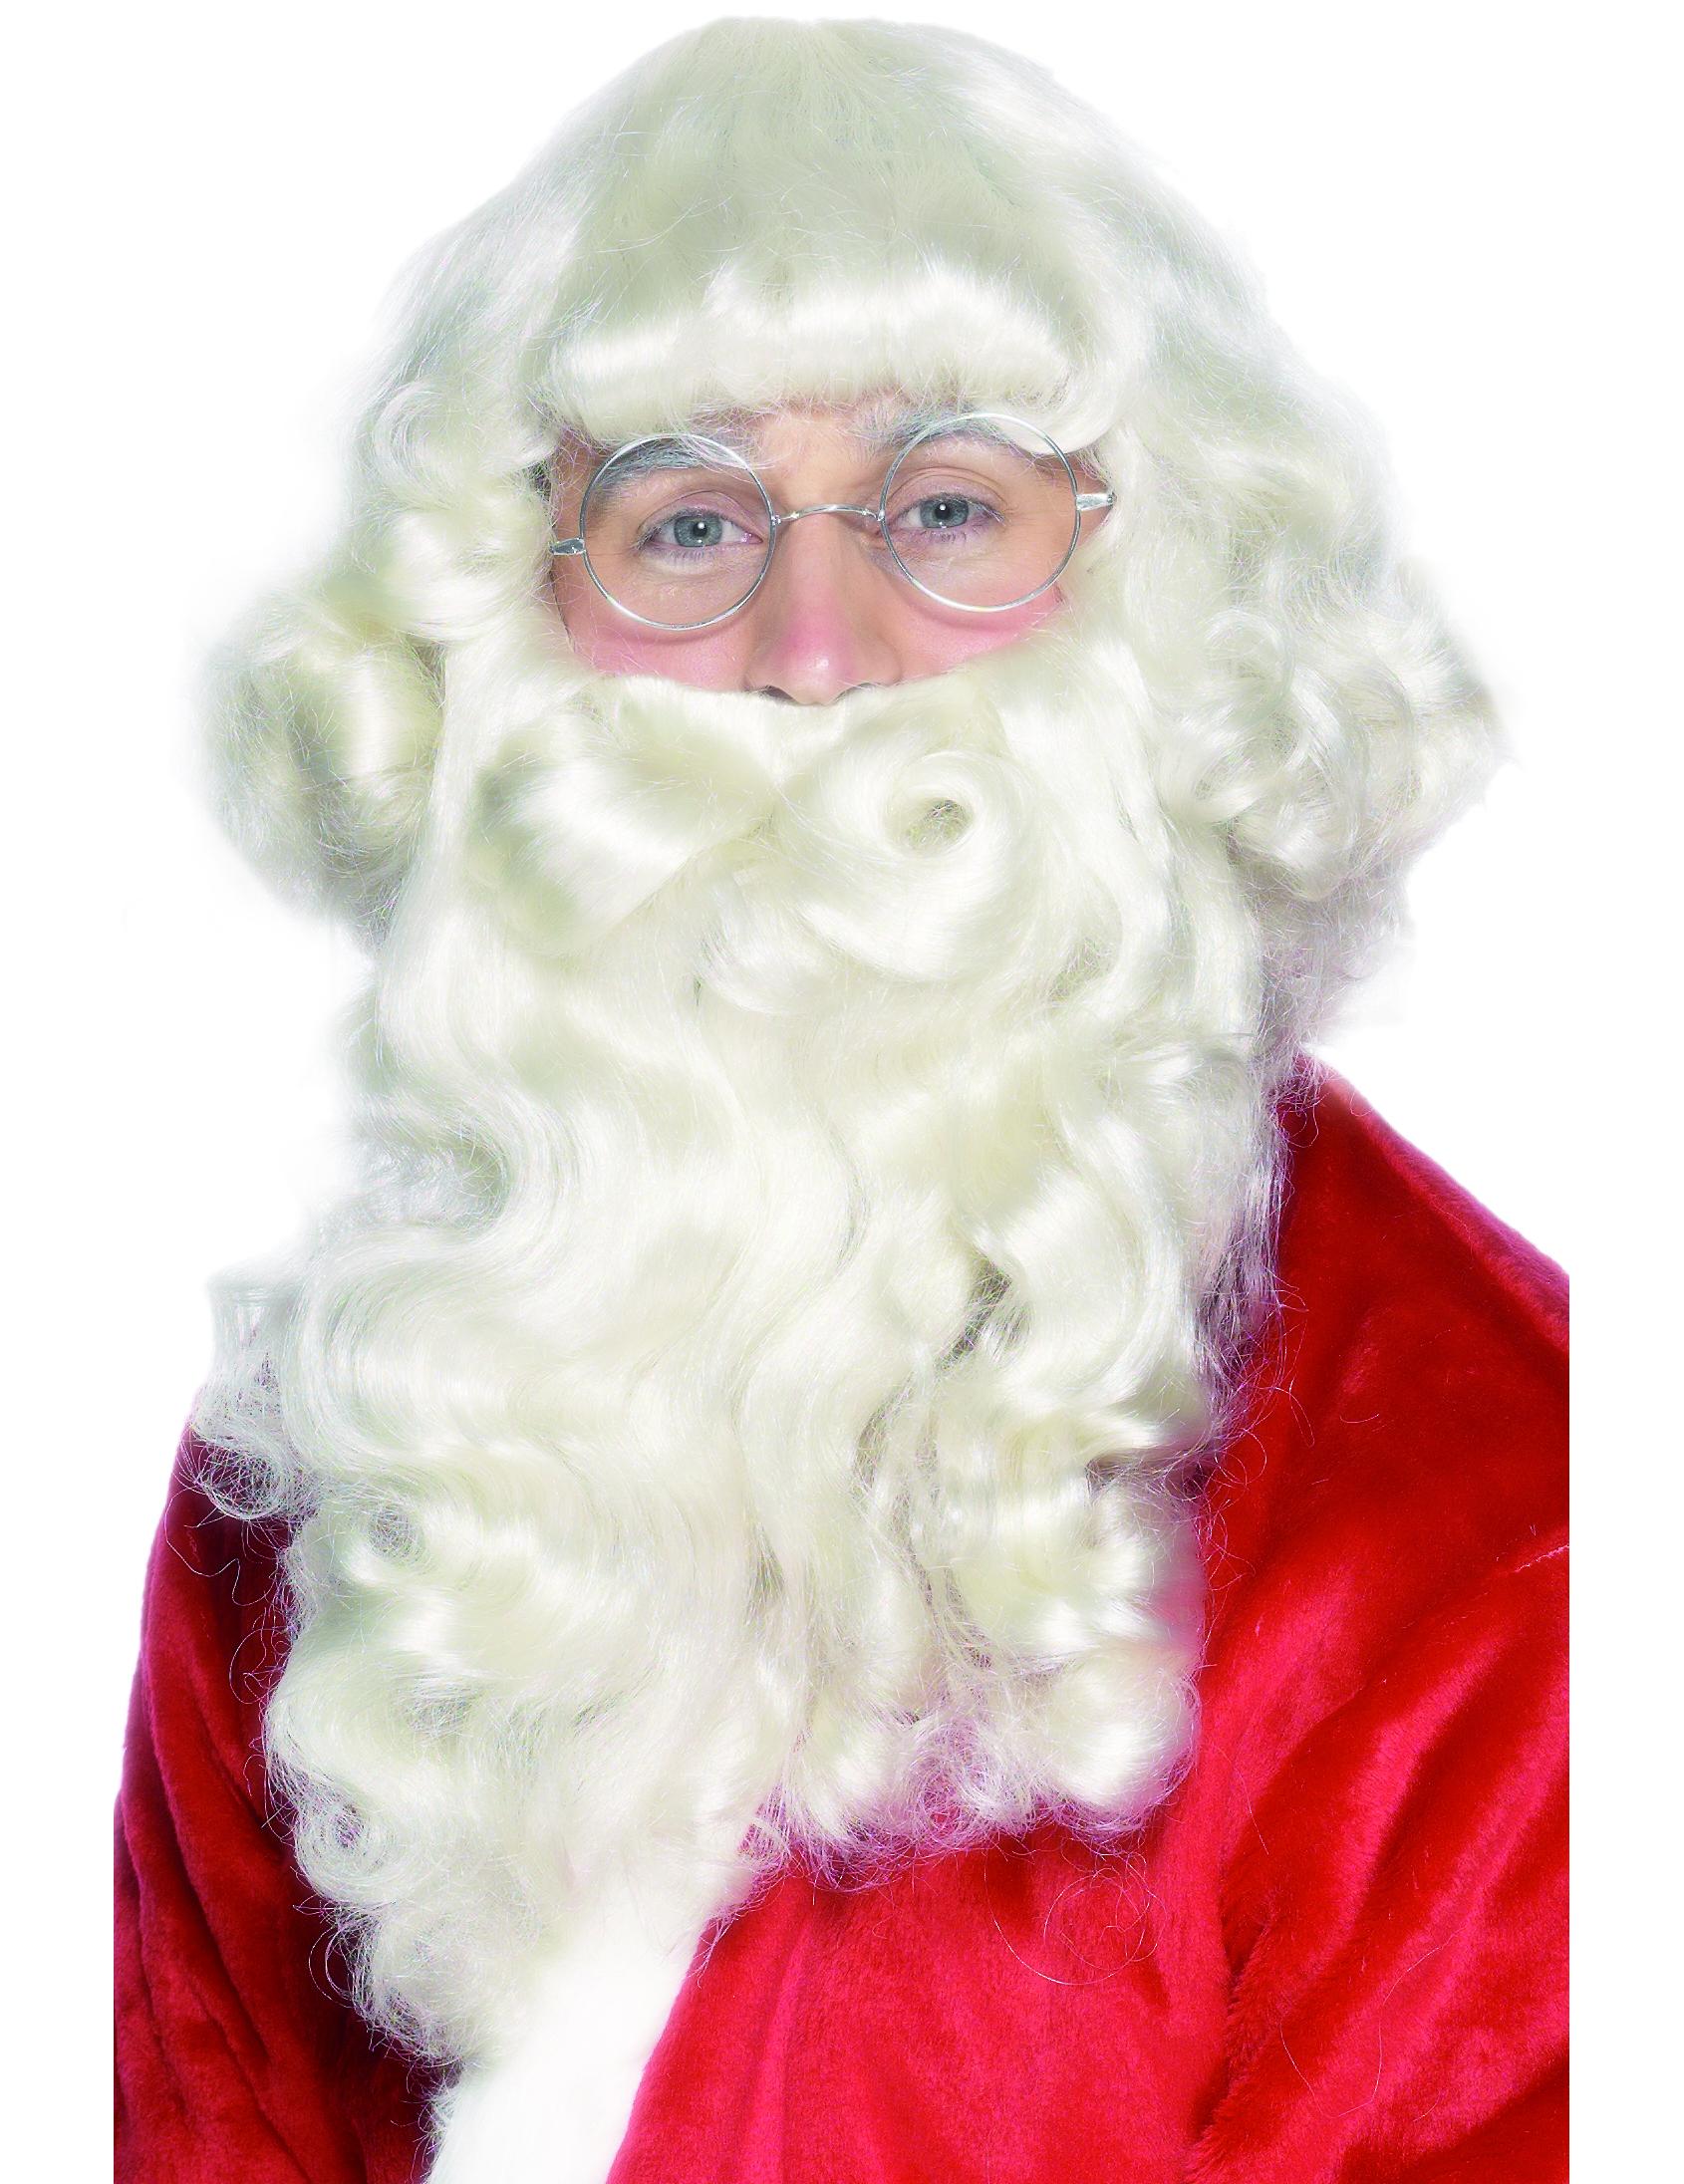 8aeb9c7b5f16f1 Barbe et perruque Père Noël adulte   Deguise-toi, achat de Accessoires